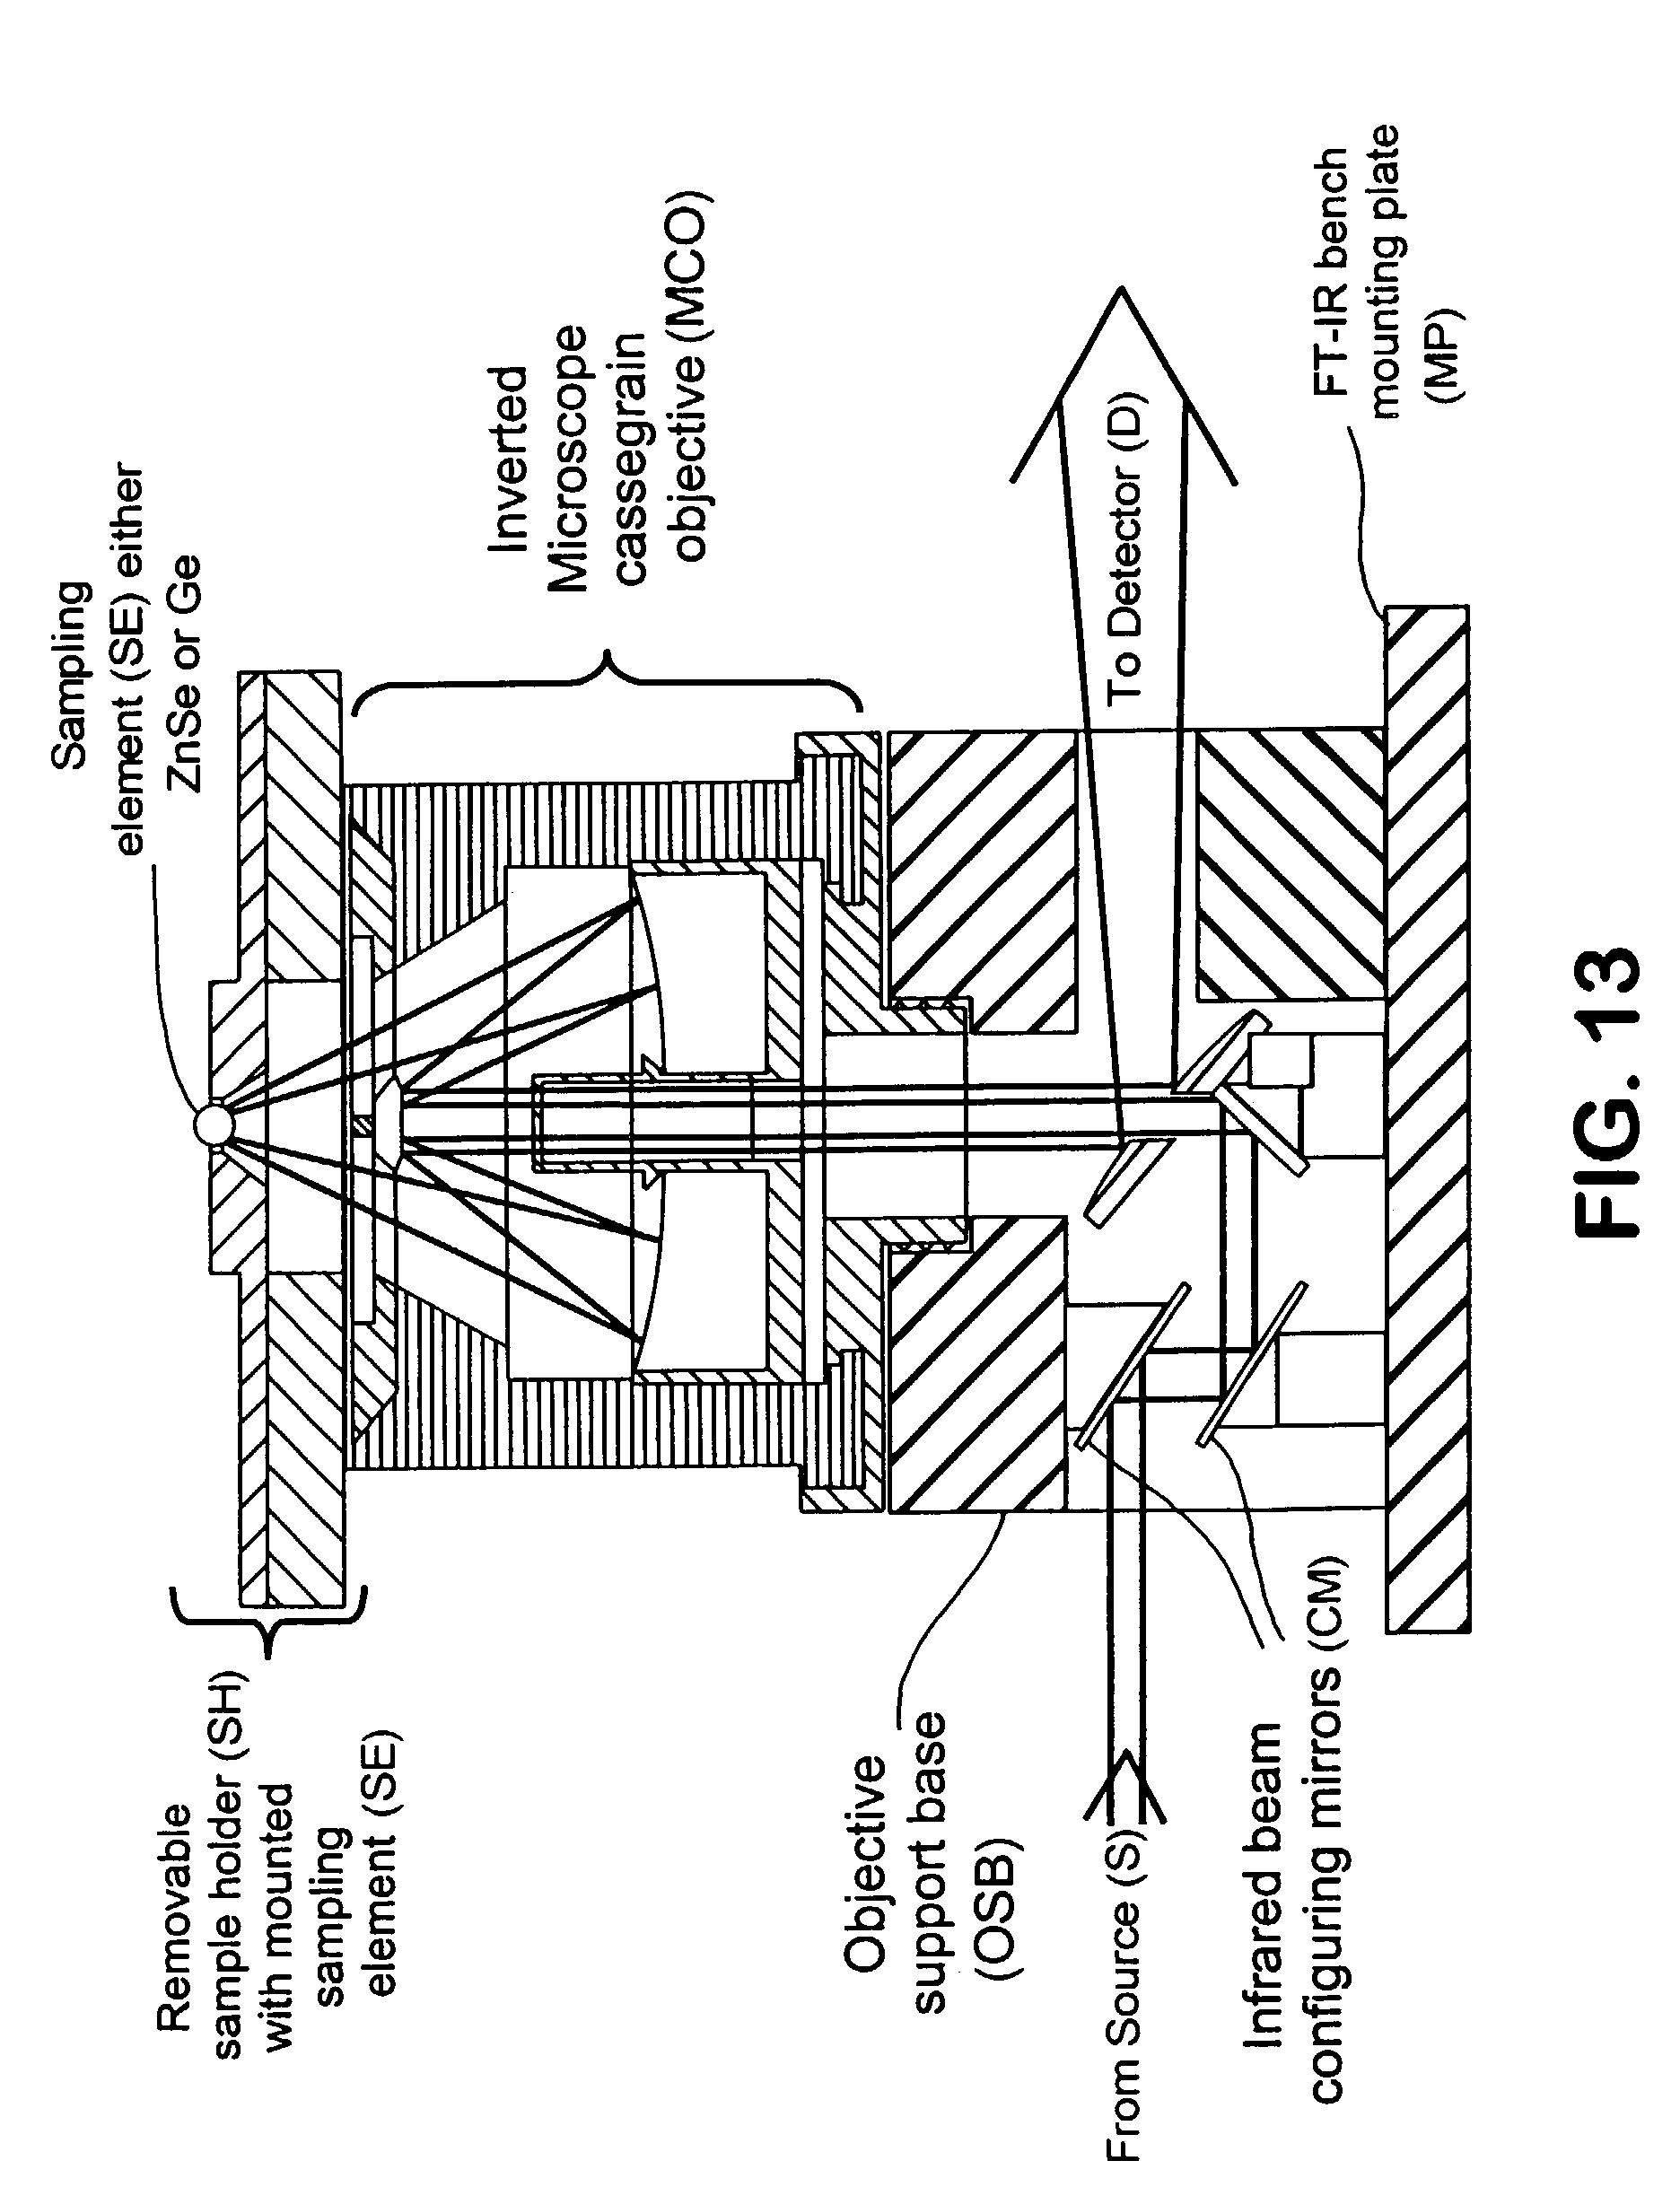 Charming Kia Rio Wiring Diagram Photos - Wiring Standart ...